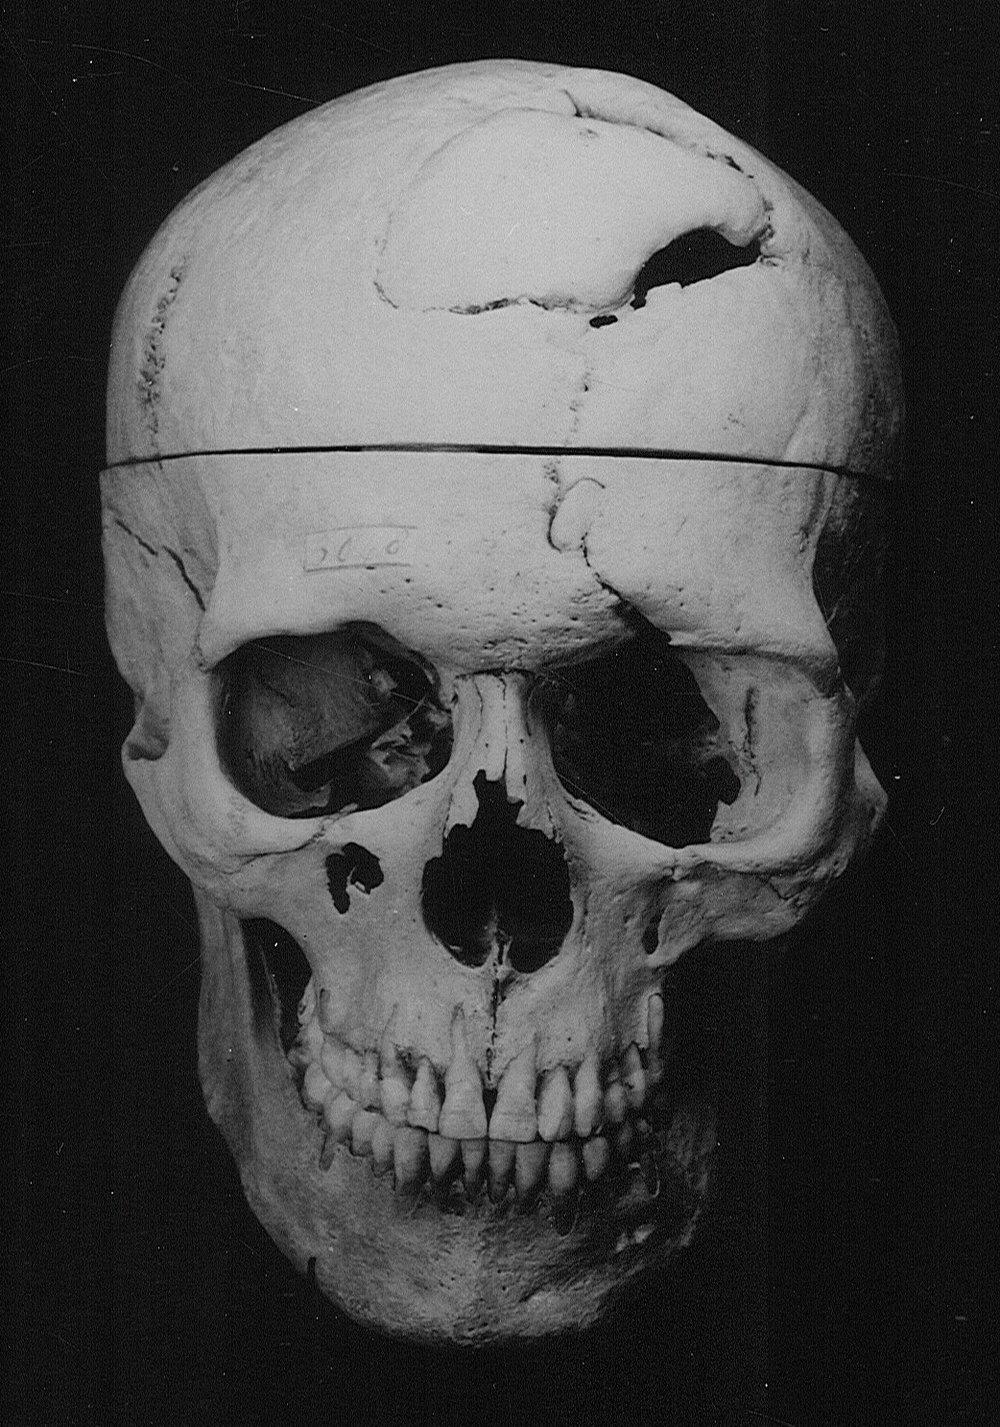 Gage.Skull_frontview.jpg